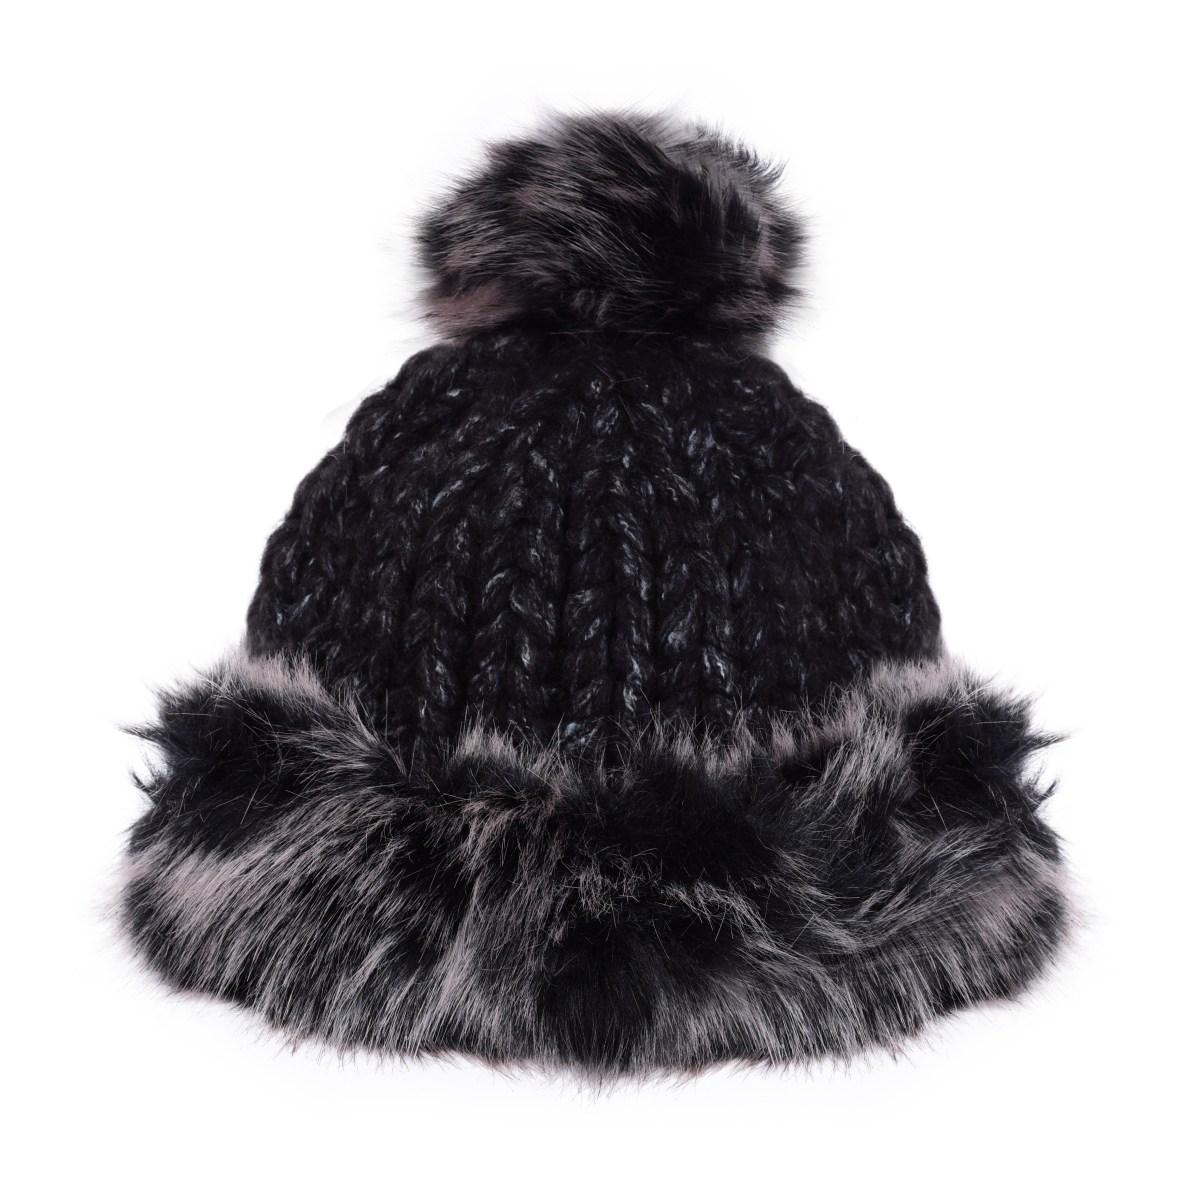 Ručně pletená čepice POLARIS black melange